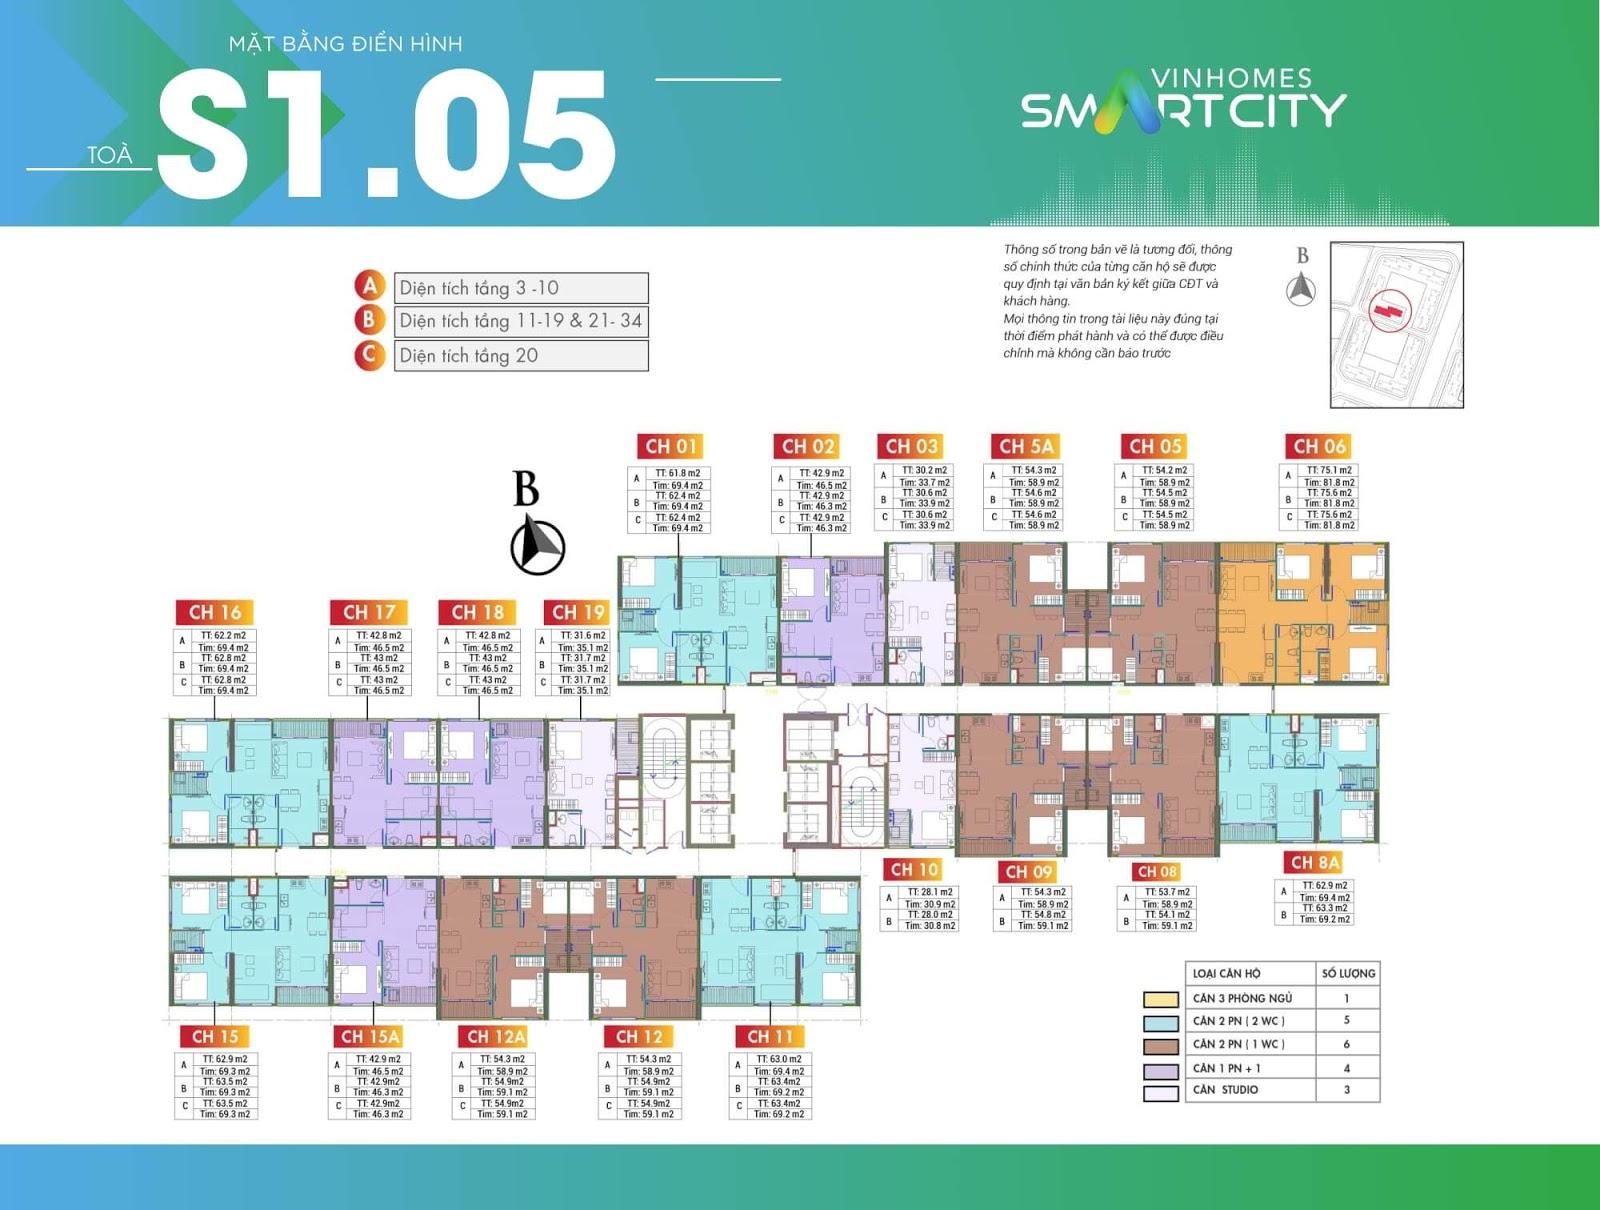 Mặt bằng toà S1-05 chung cư Vinhomes Smart City